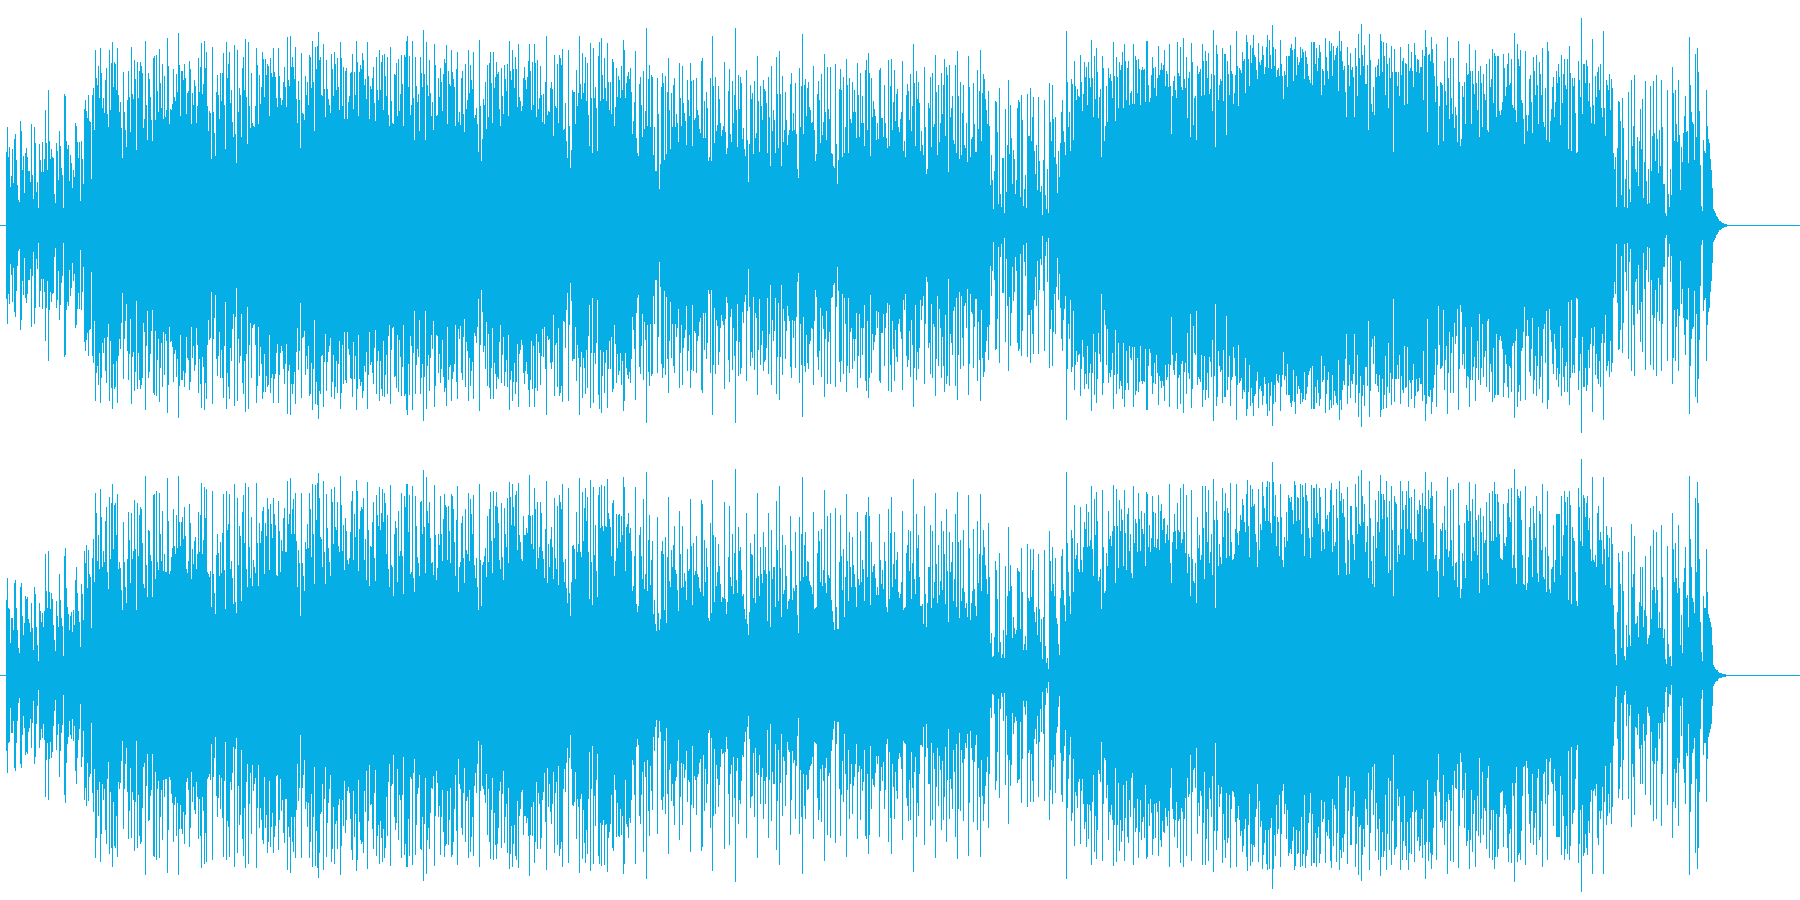 デートを楽しみたくなるフュージョンの再生済みの波形